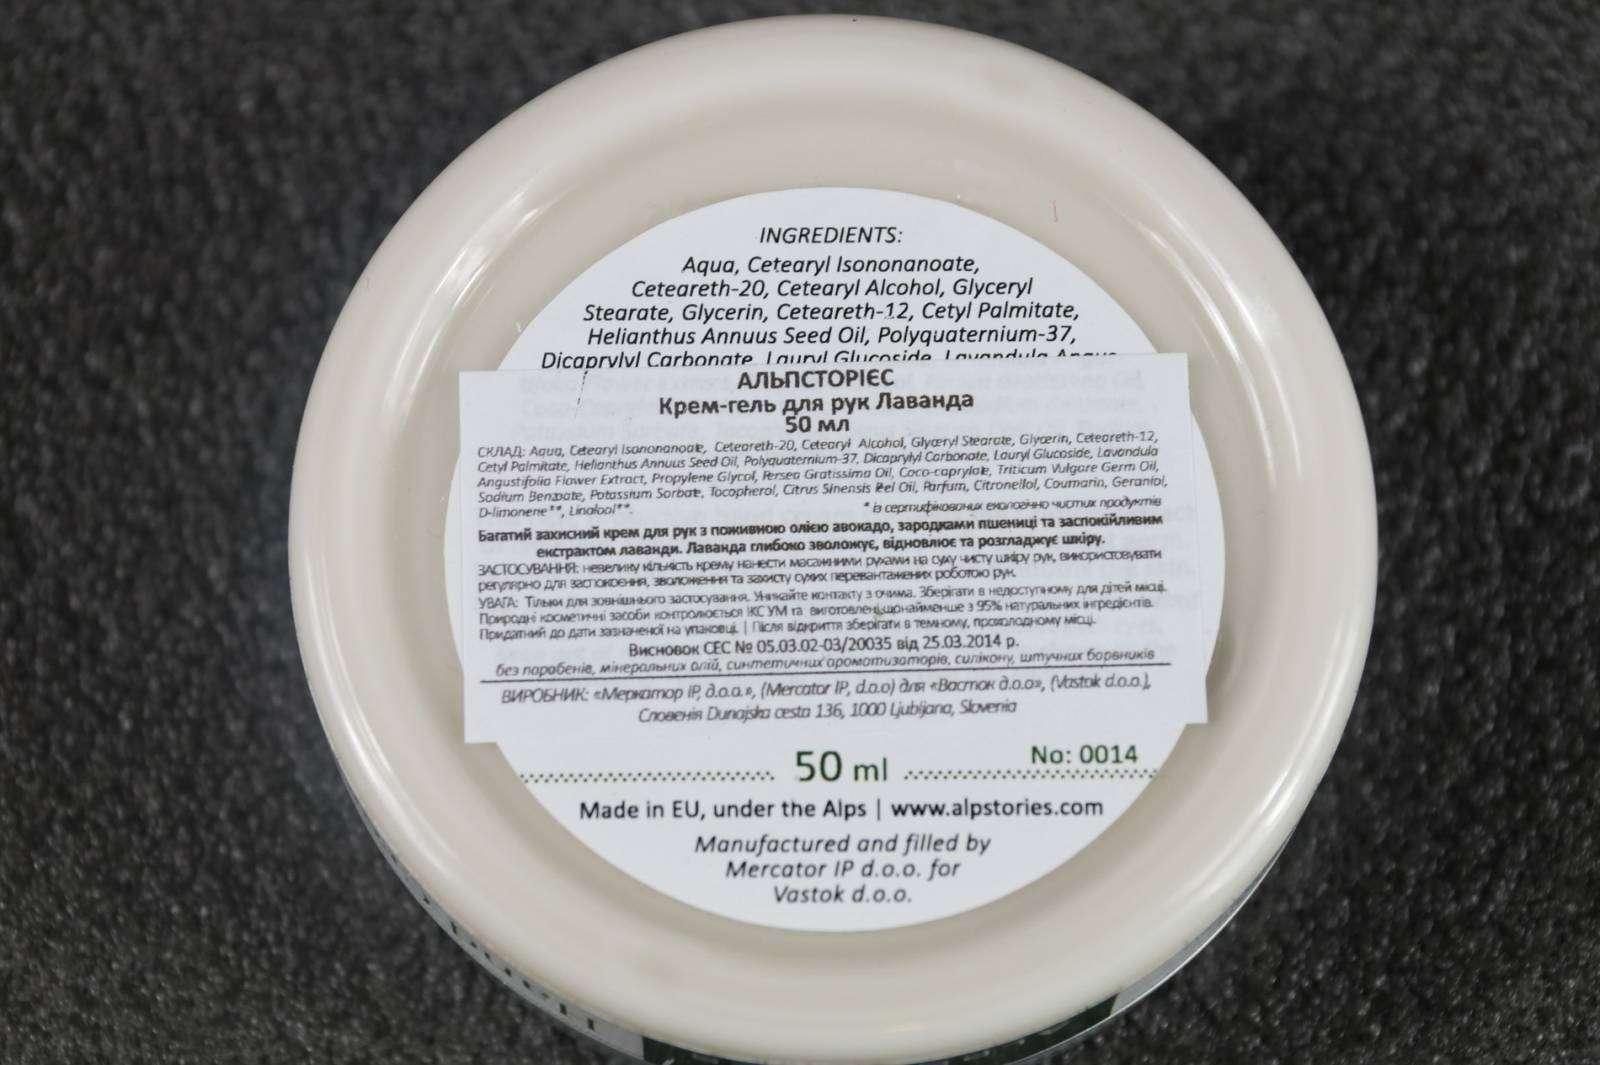 Другие - Украина: Обзор - отзыв о крем-геле для рук лаванда  от ТМ 'Alpstories' (Альпсторис)